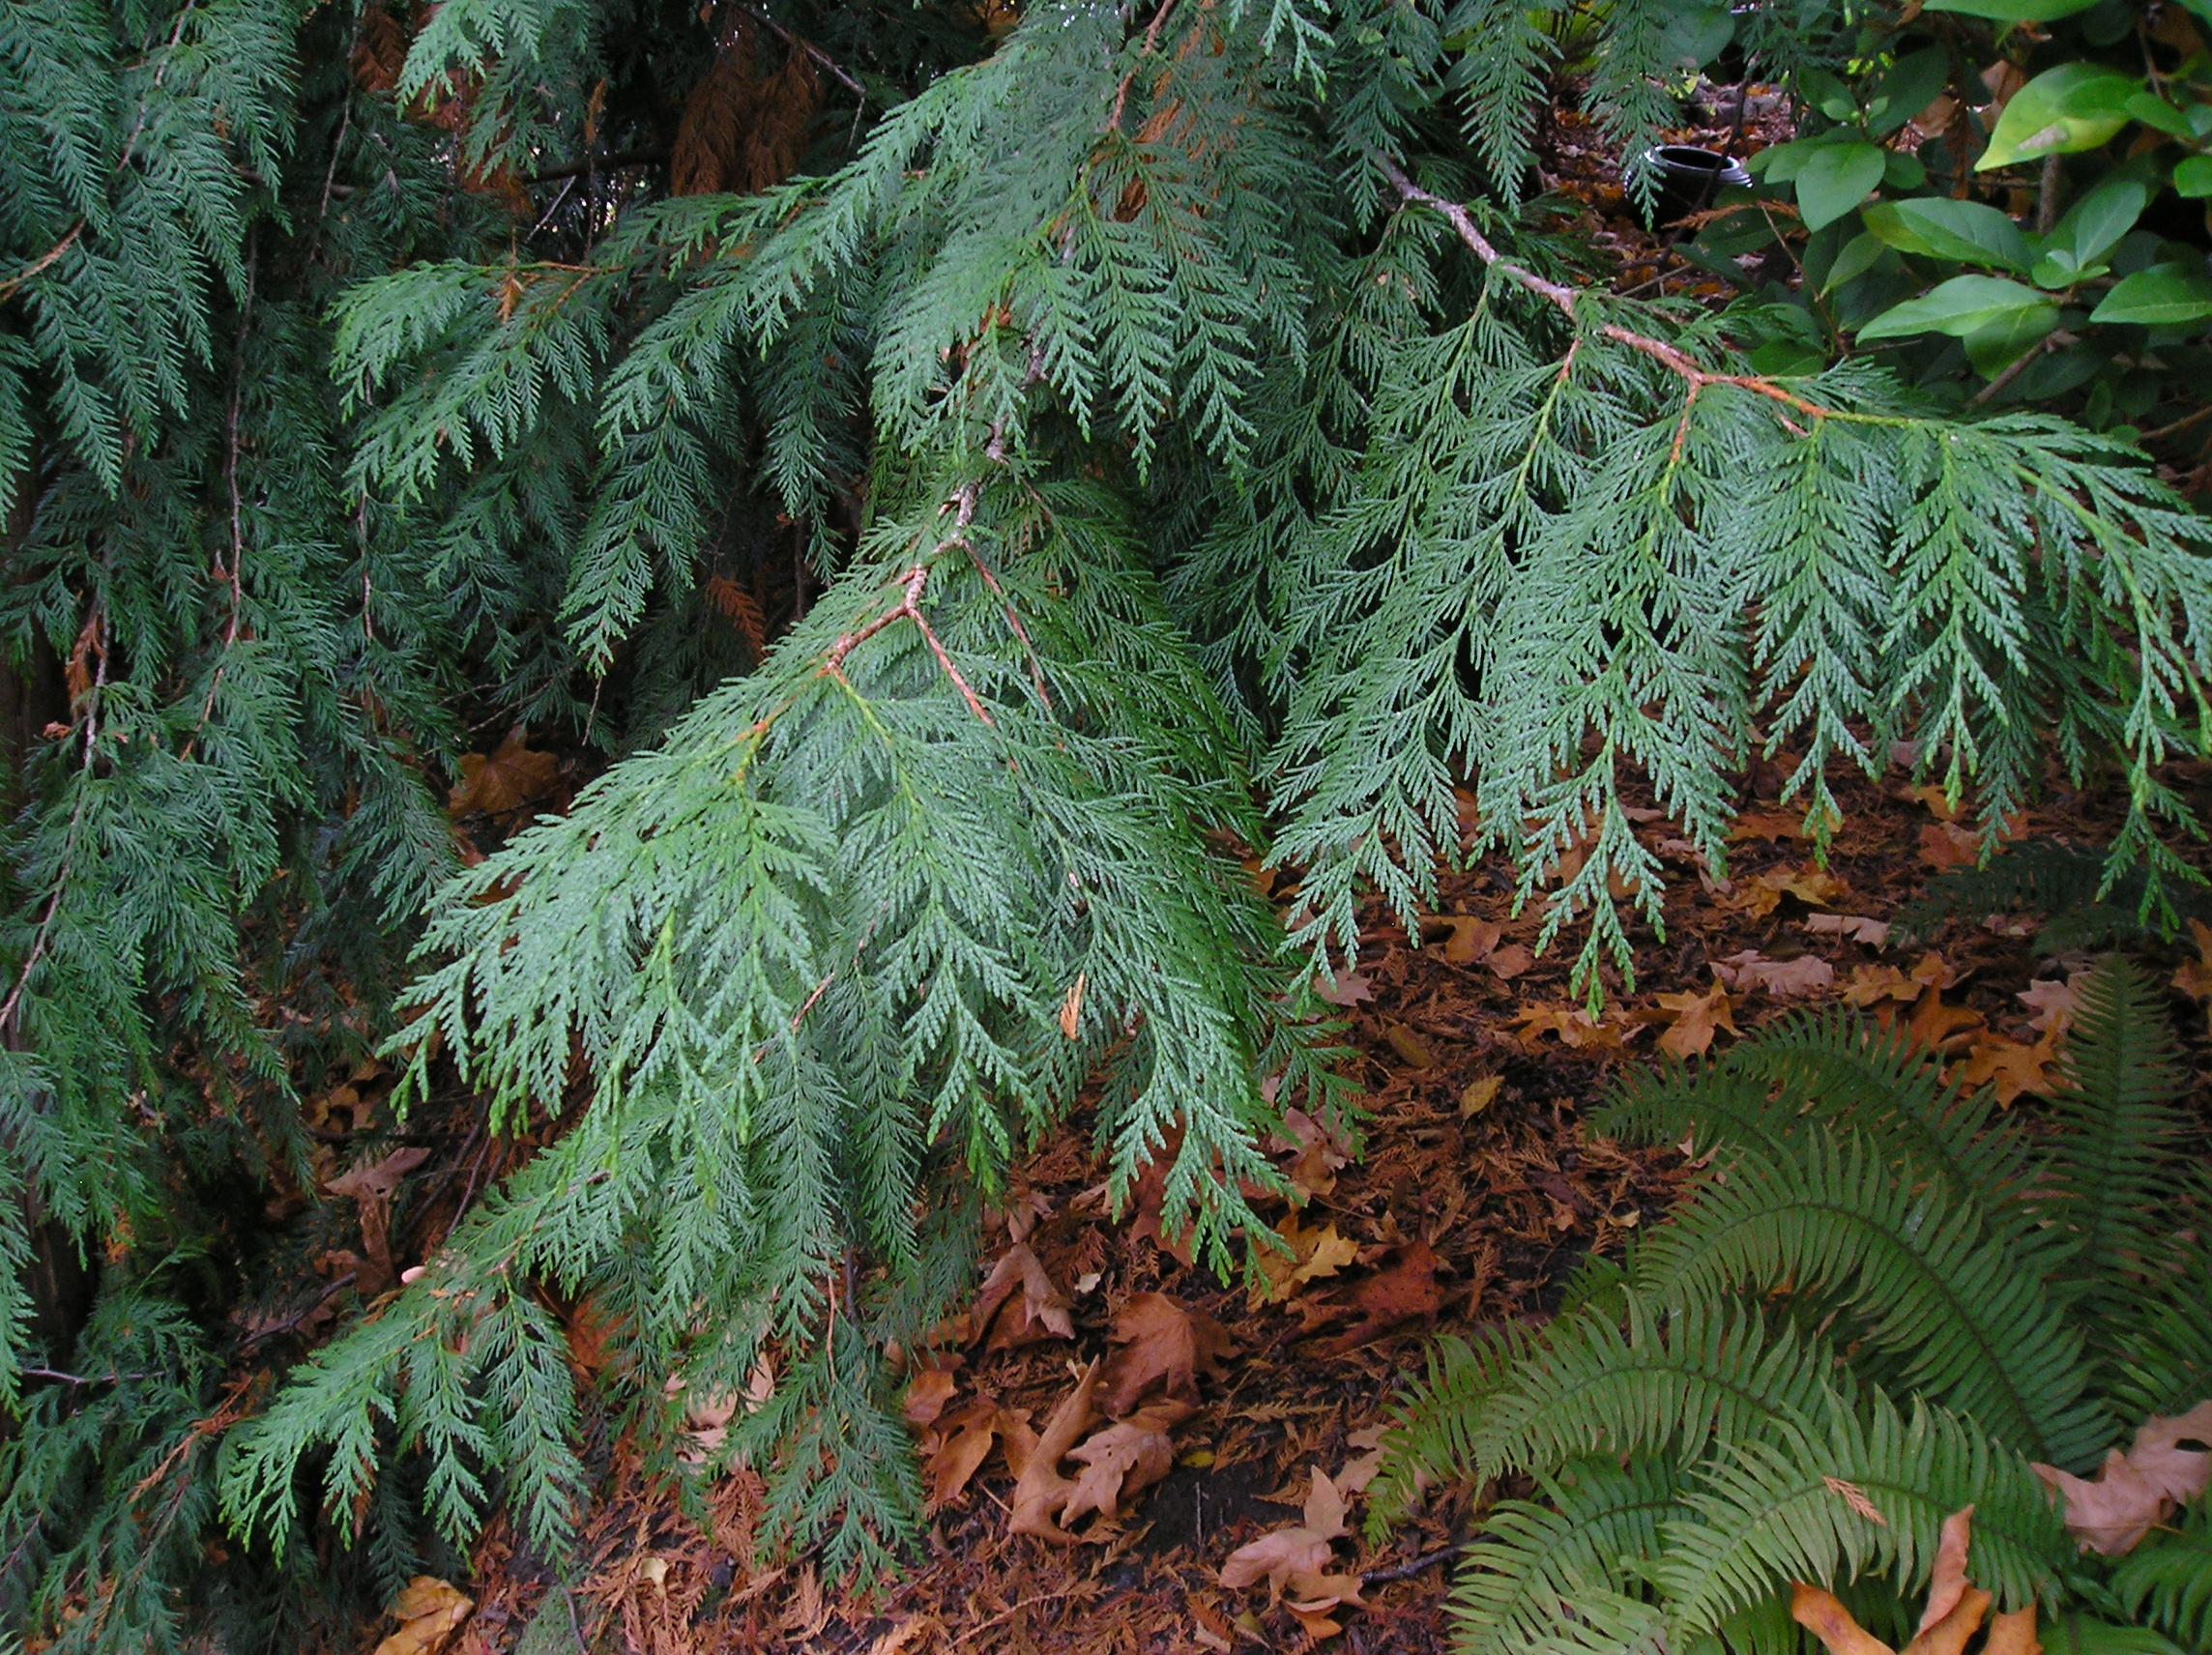 Foliage of Western red cedar (Corinne Kennedy)